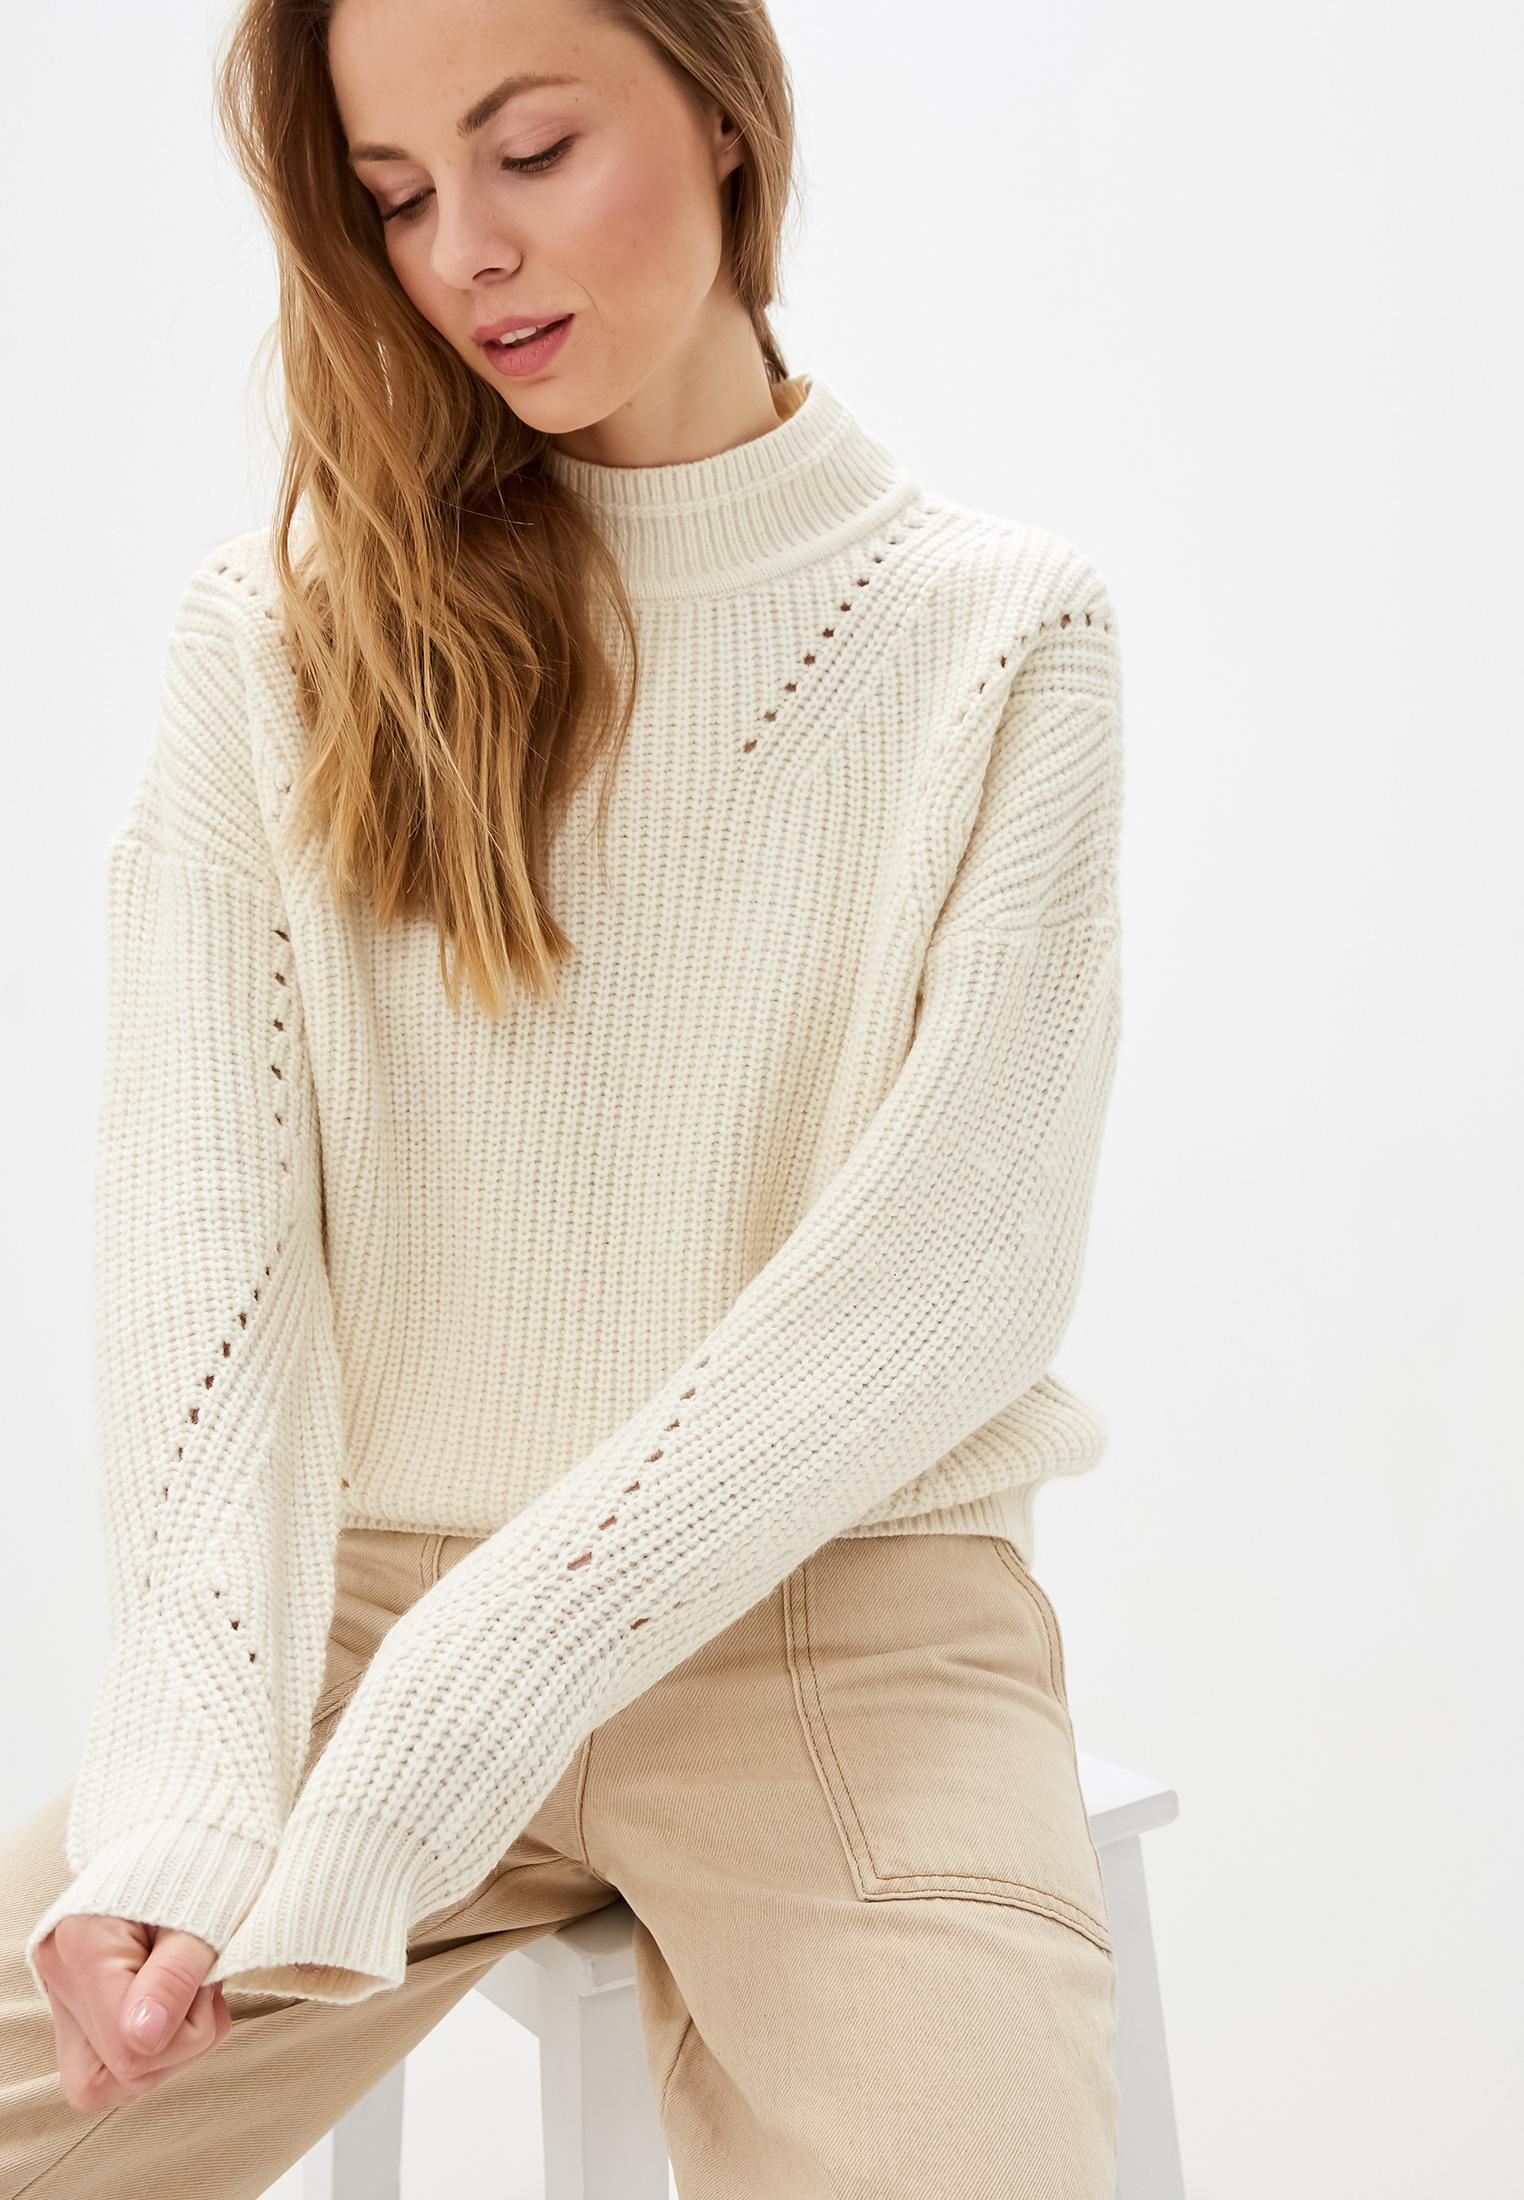 Свитер, Vila, цвет: белый. Артикул: VI004EWFKYA7. Одежда / Джемперы, свитеры и кардиганы